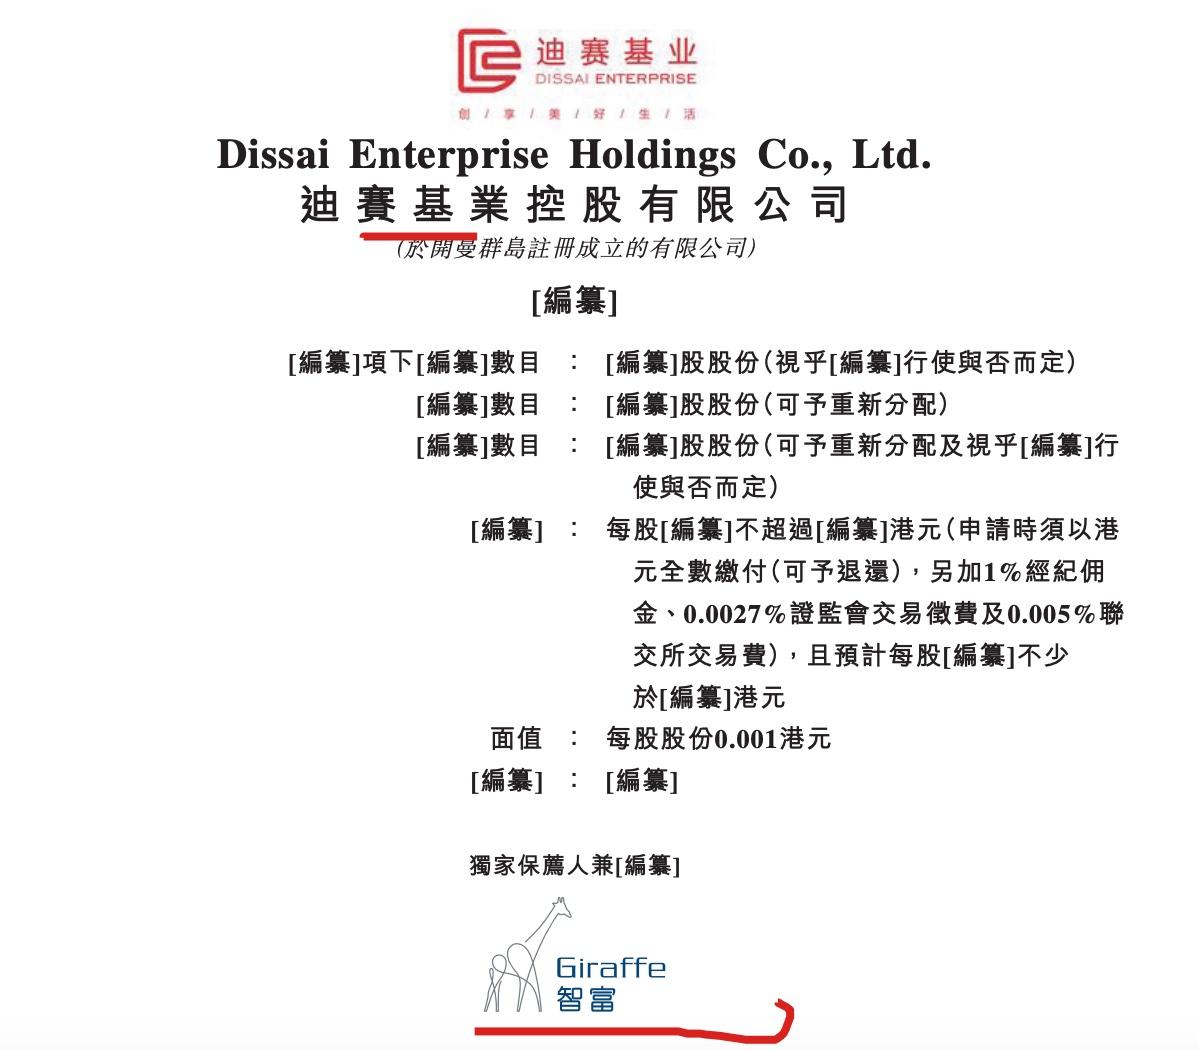 迪赛基金会赴香港IPO:利润3576万突击分红5200万